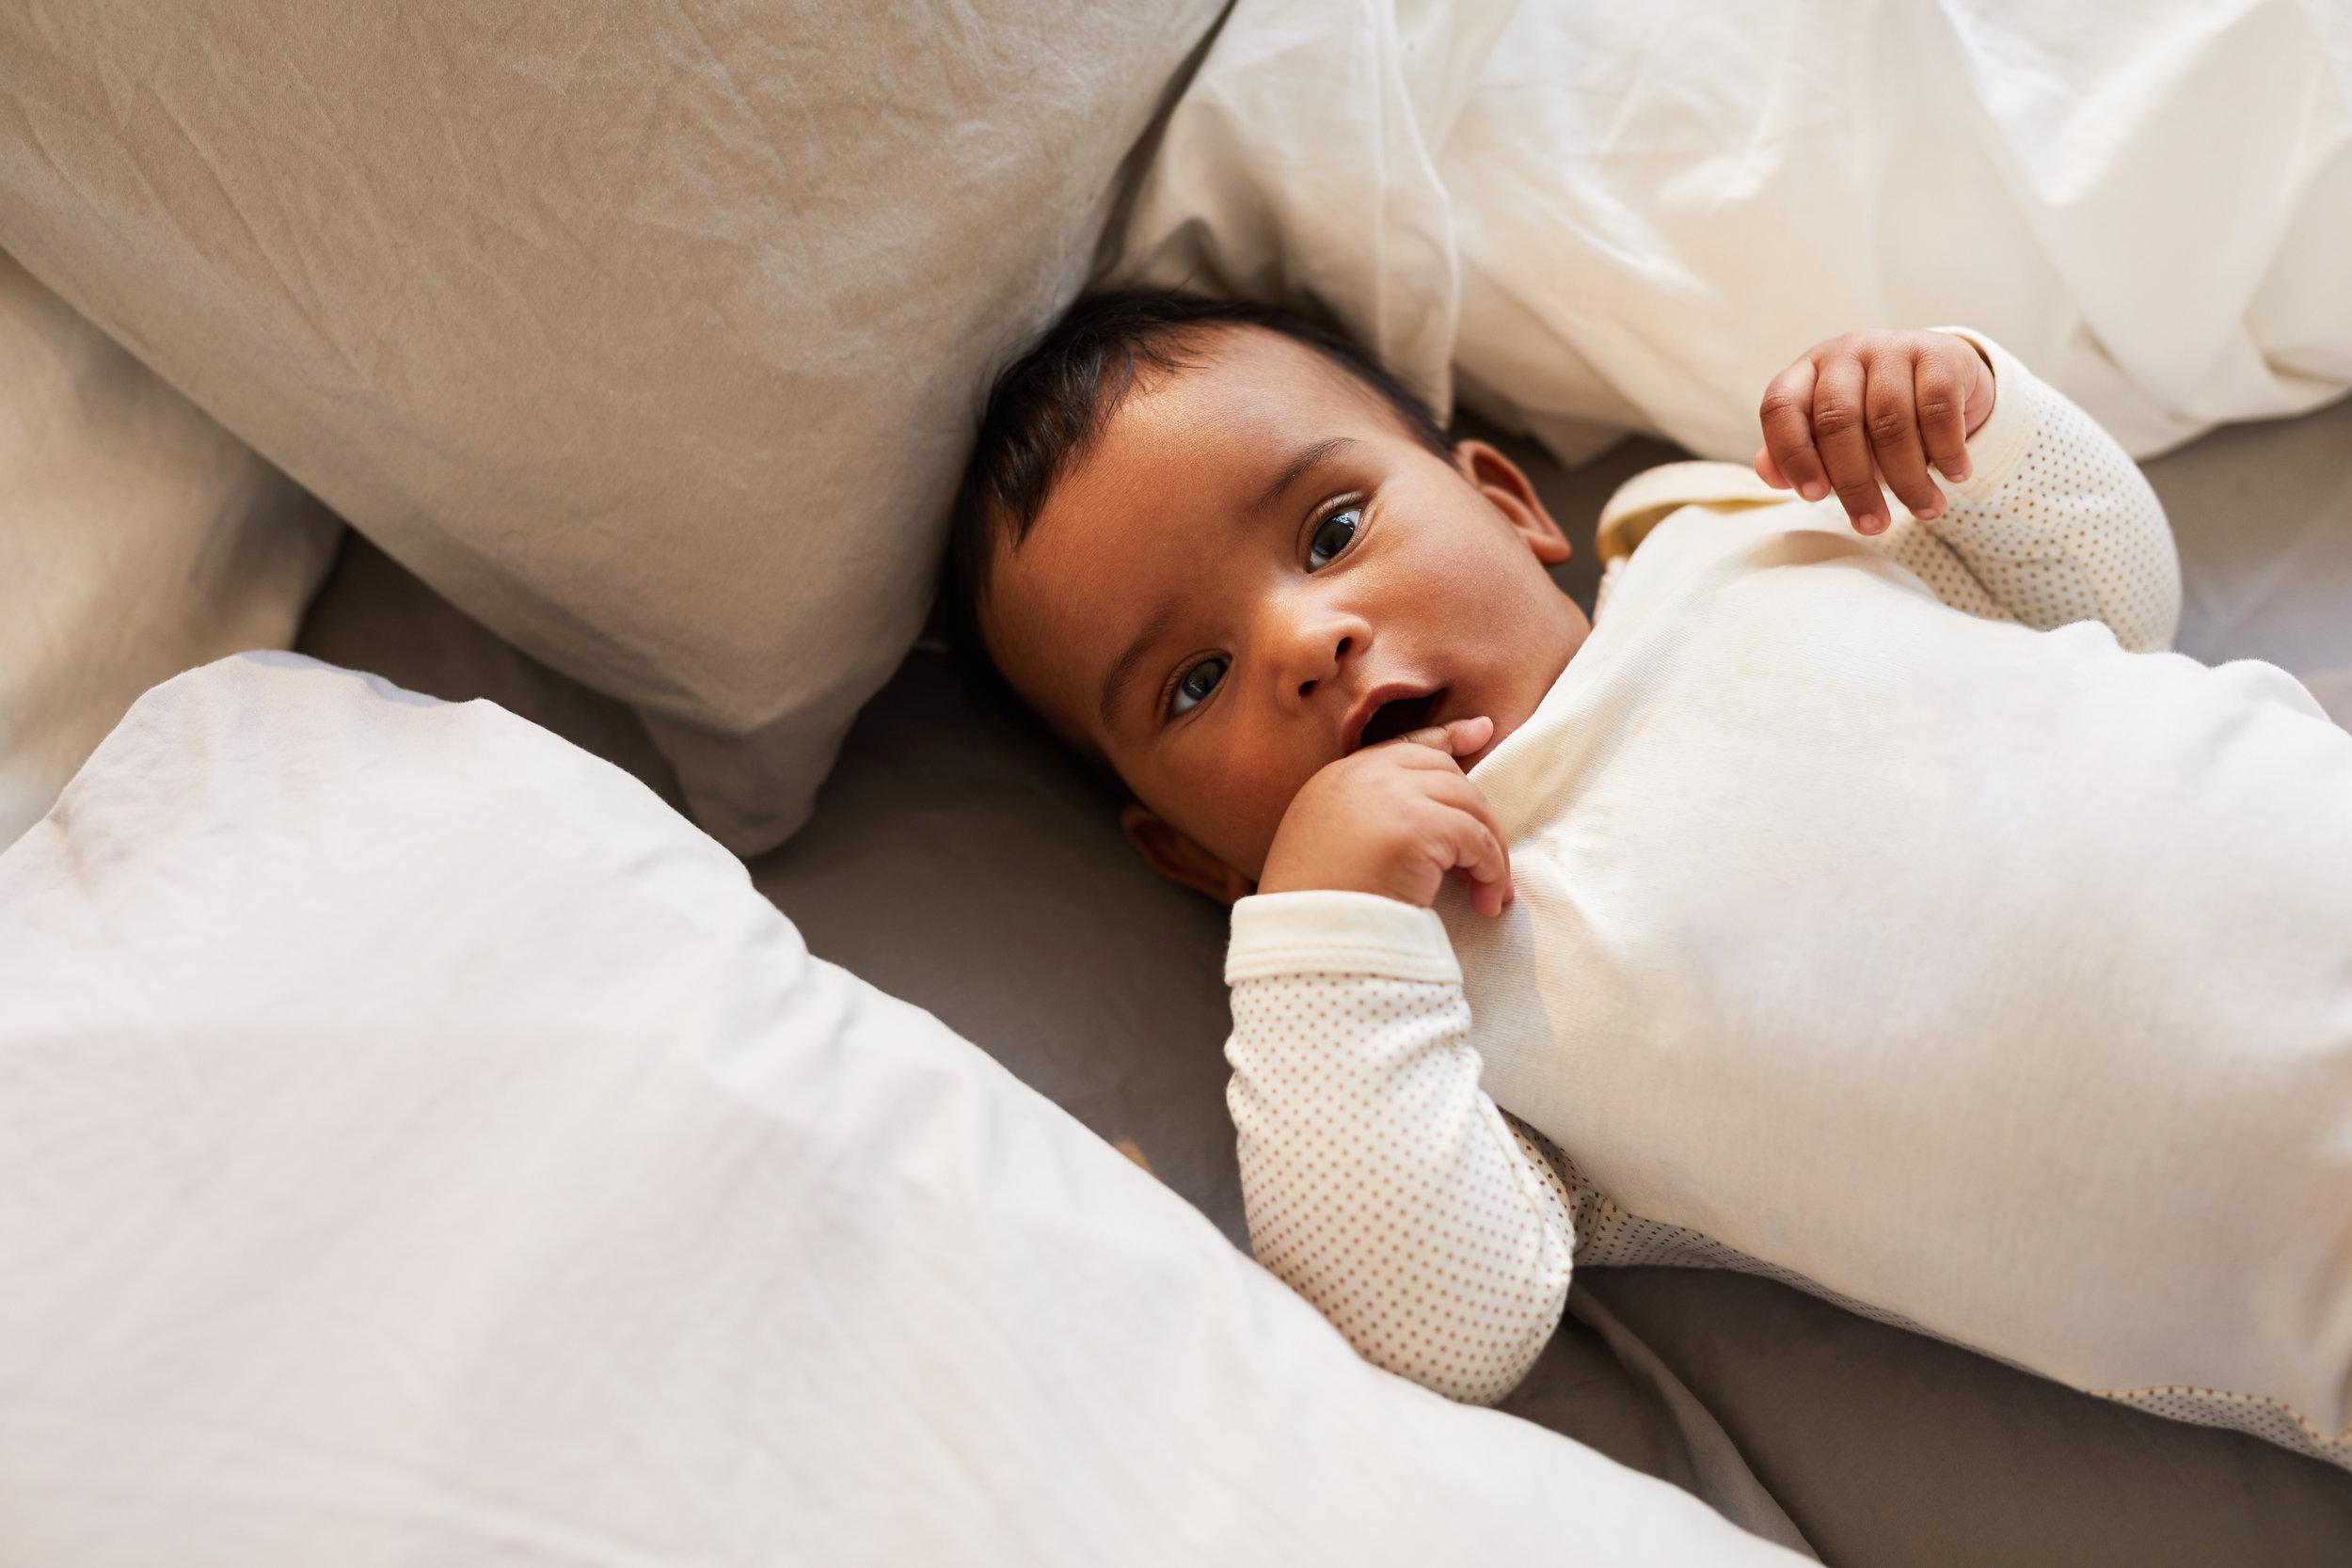 cute-baby-in-white-baby-suit-6K87QSC.jpg